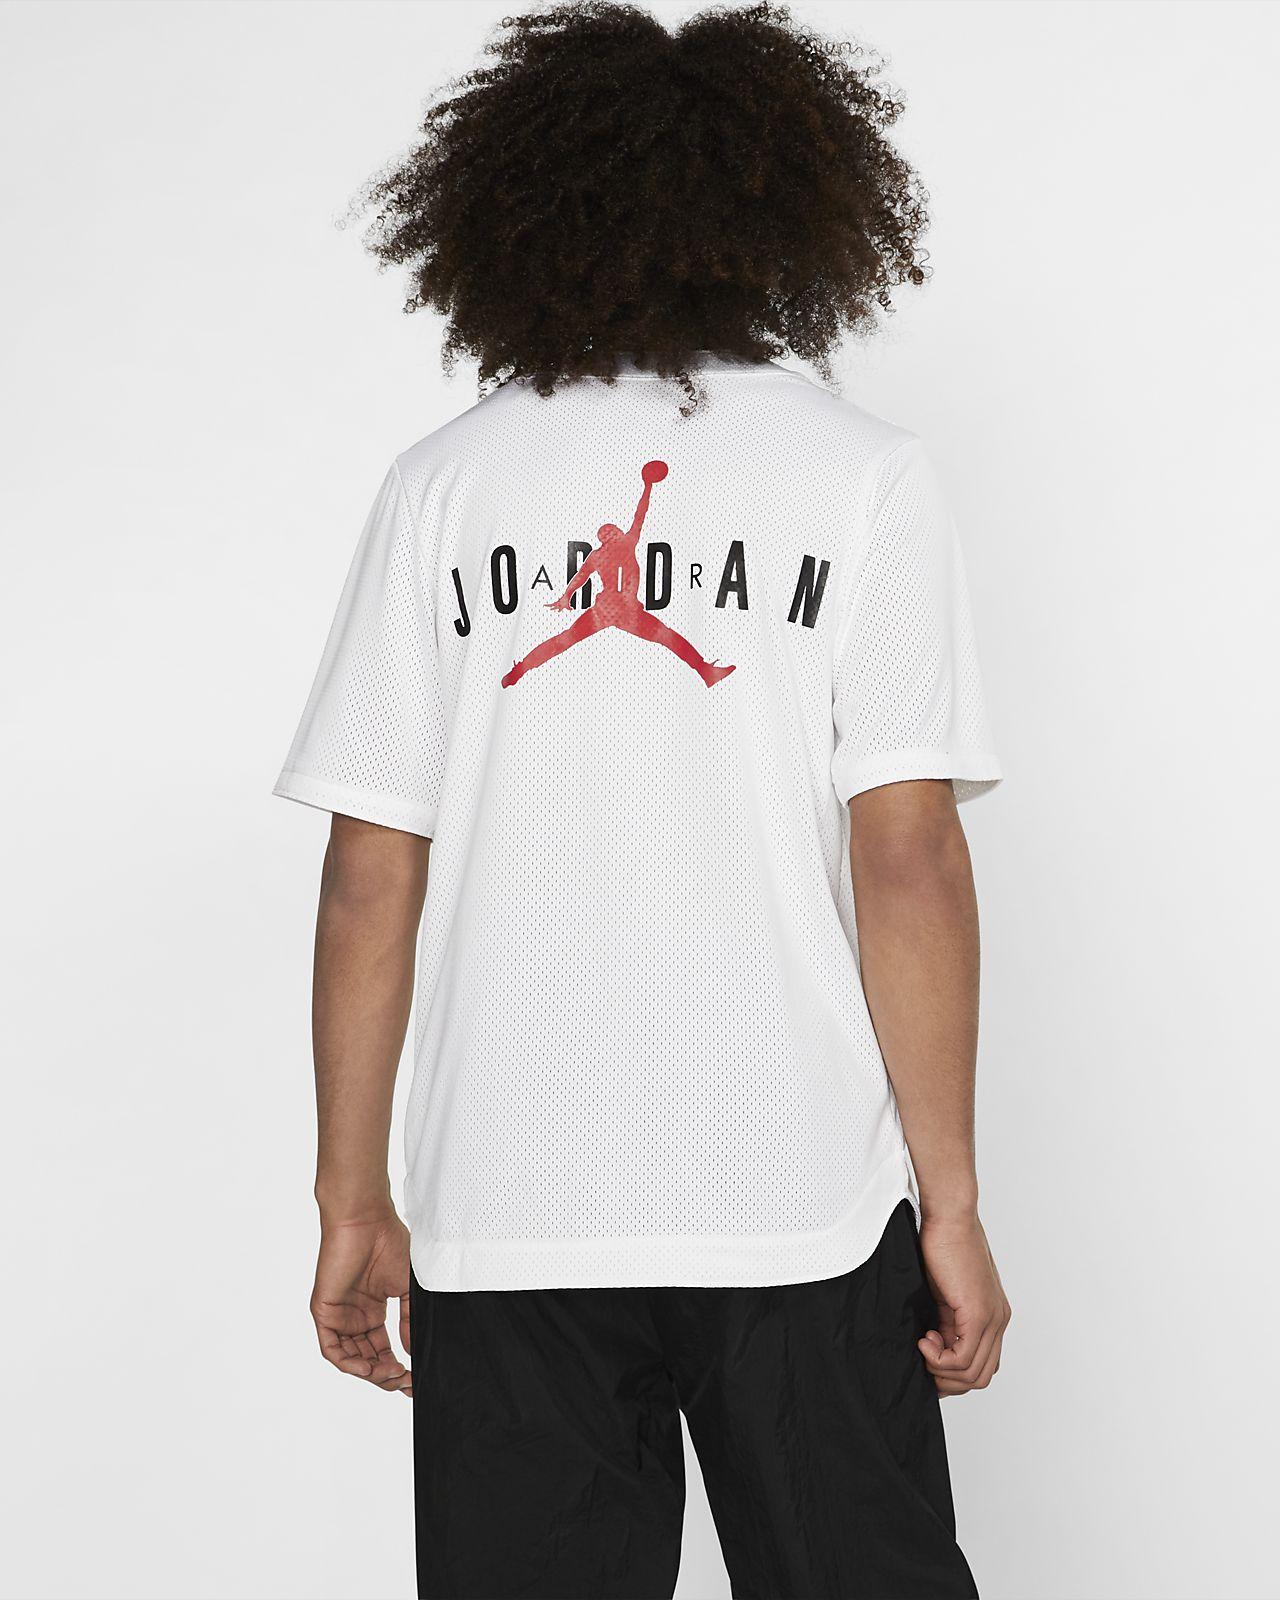 0a4bca81d427 Jordan Jumpman Air Men s Mesh Top. Nike.com PT